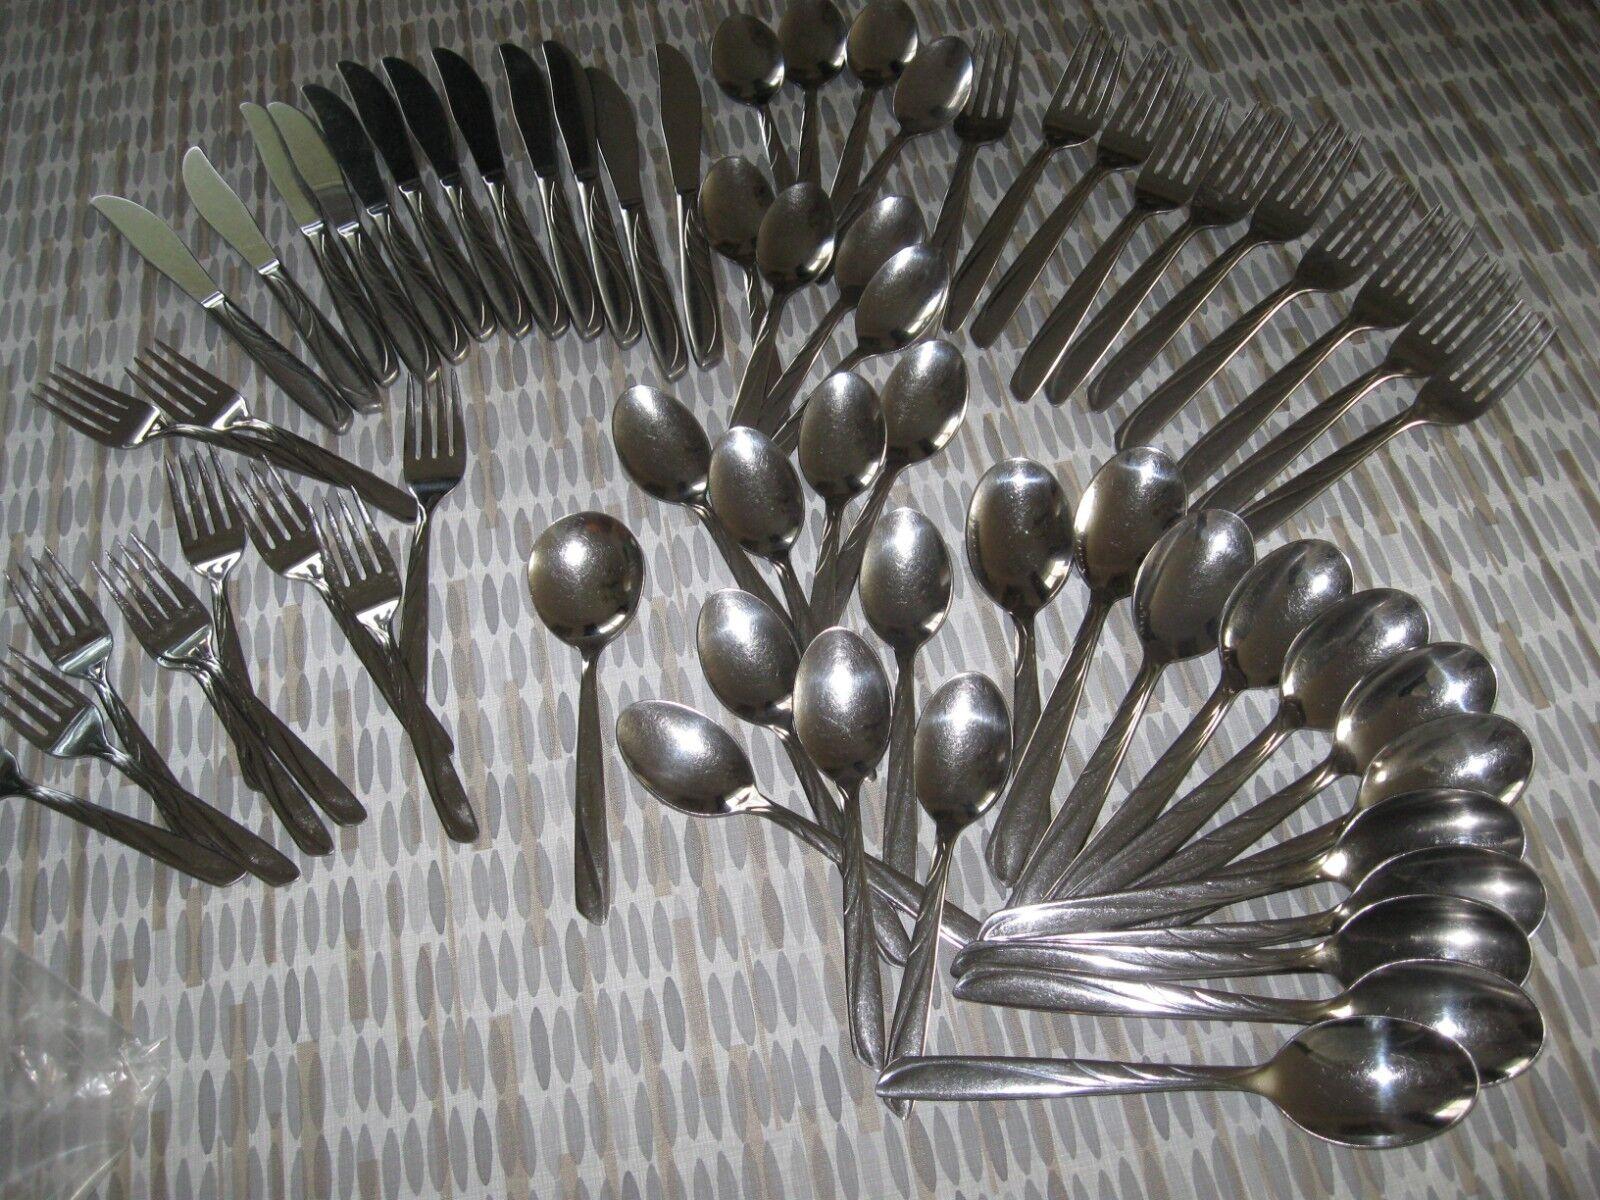 62 PC Silco Inoxydable INS125 Fourchettes Cuillères Couteaux service pour 10+, états-Unis MCM Swirl